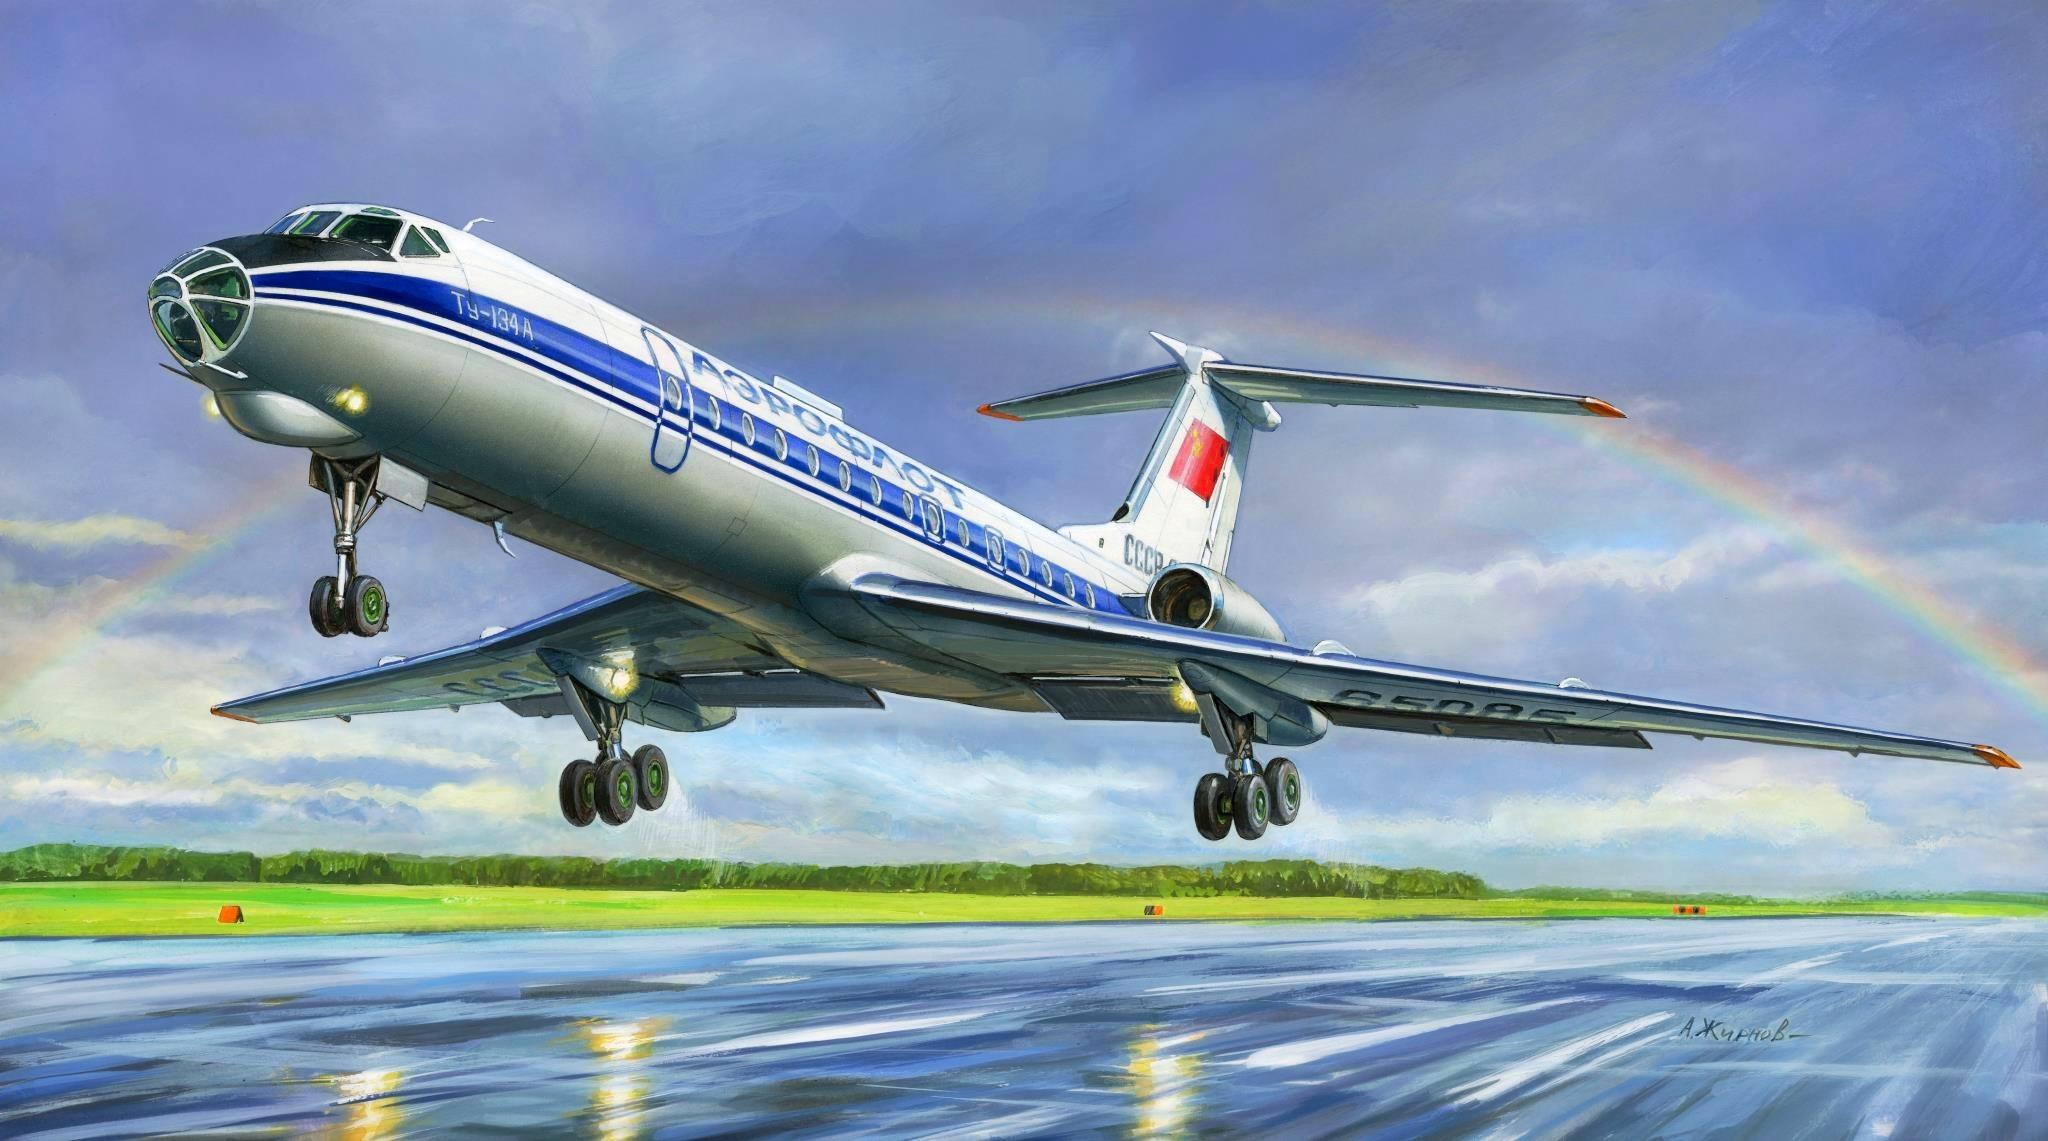 картинки про авиацию пассажирских самолетов китае его